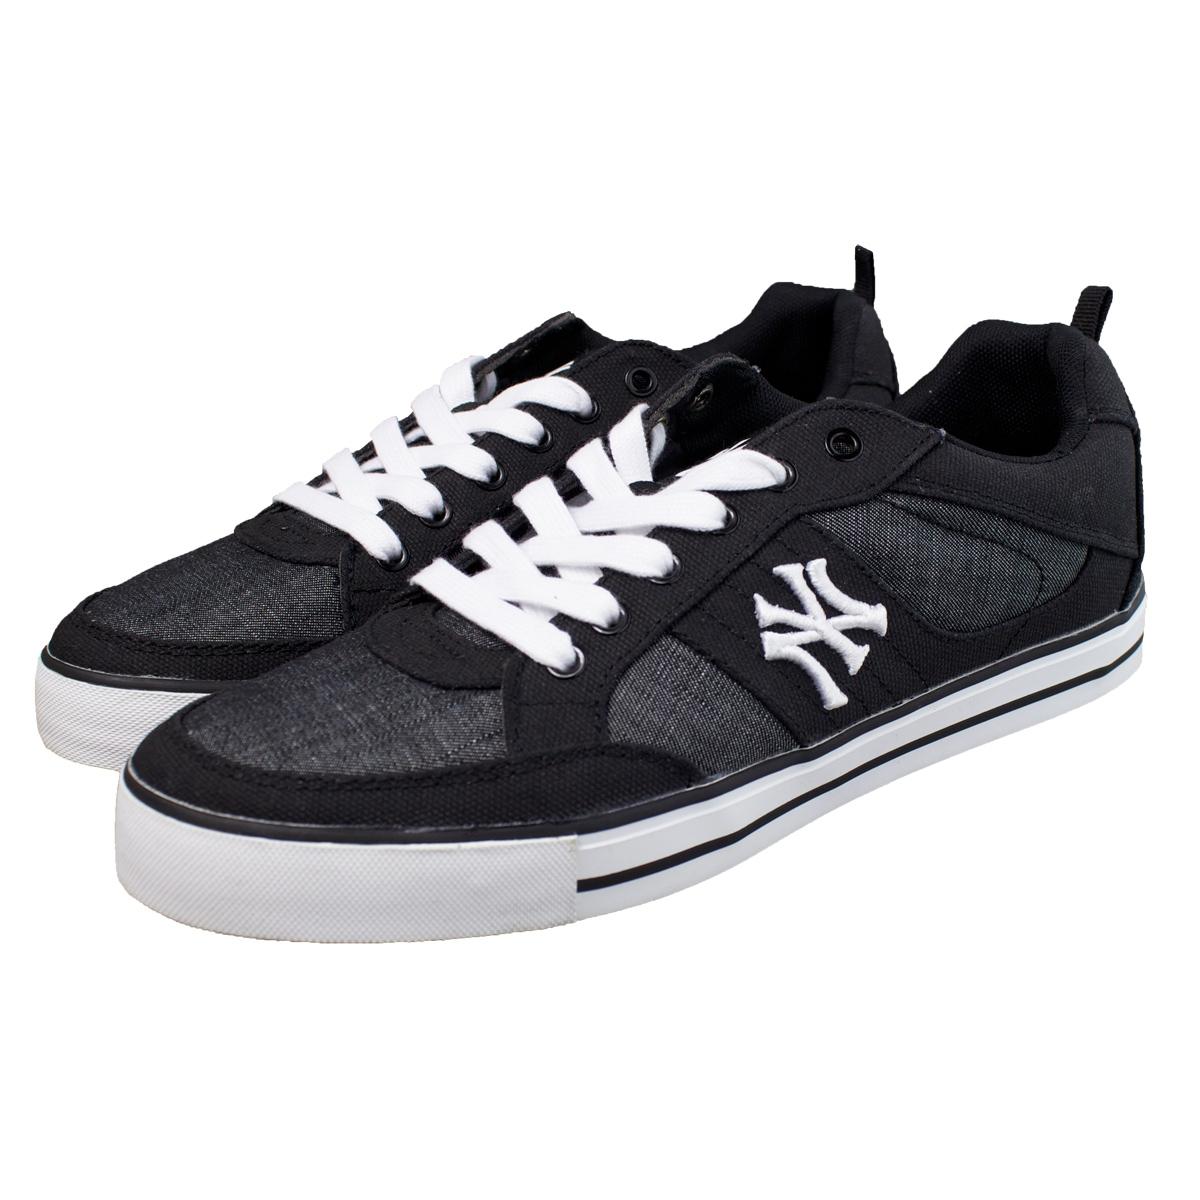 ef5987b741 New York Yankees Yankees Yankees Sneaker Sunya Low d3d417 ...